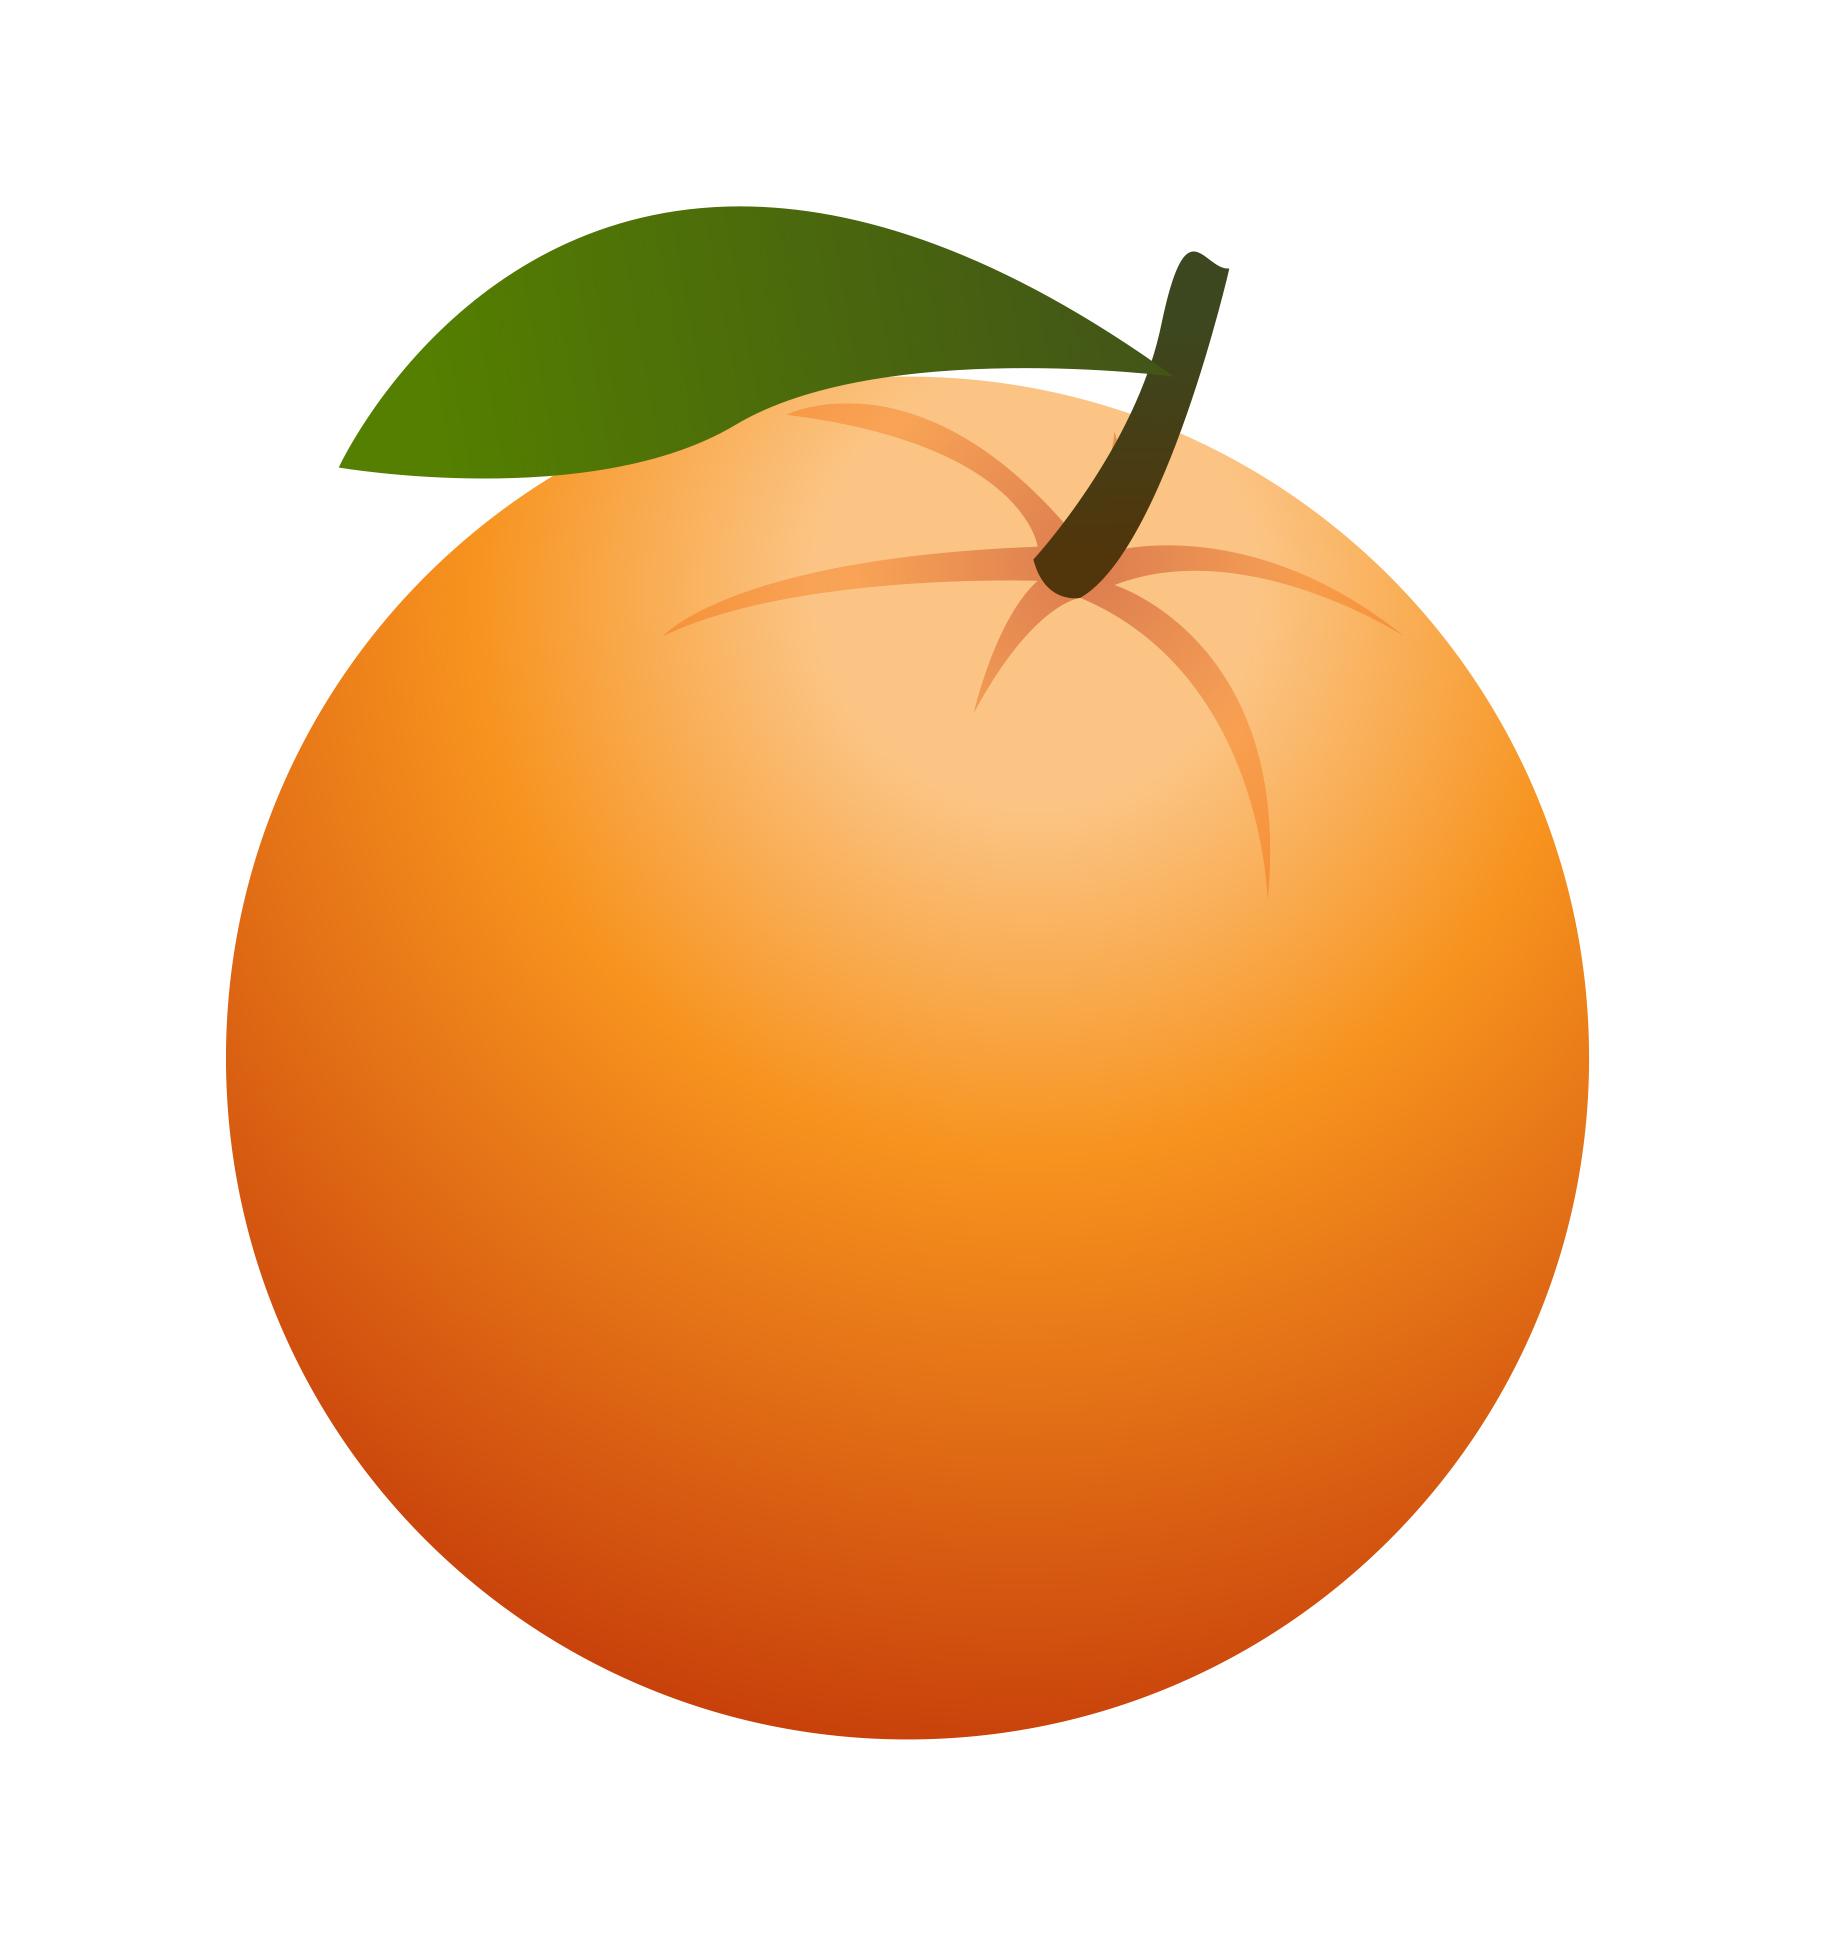 Clip Art Orange